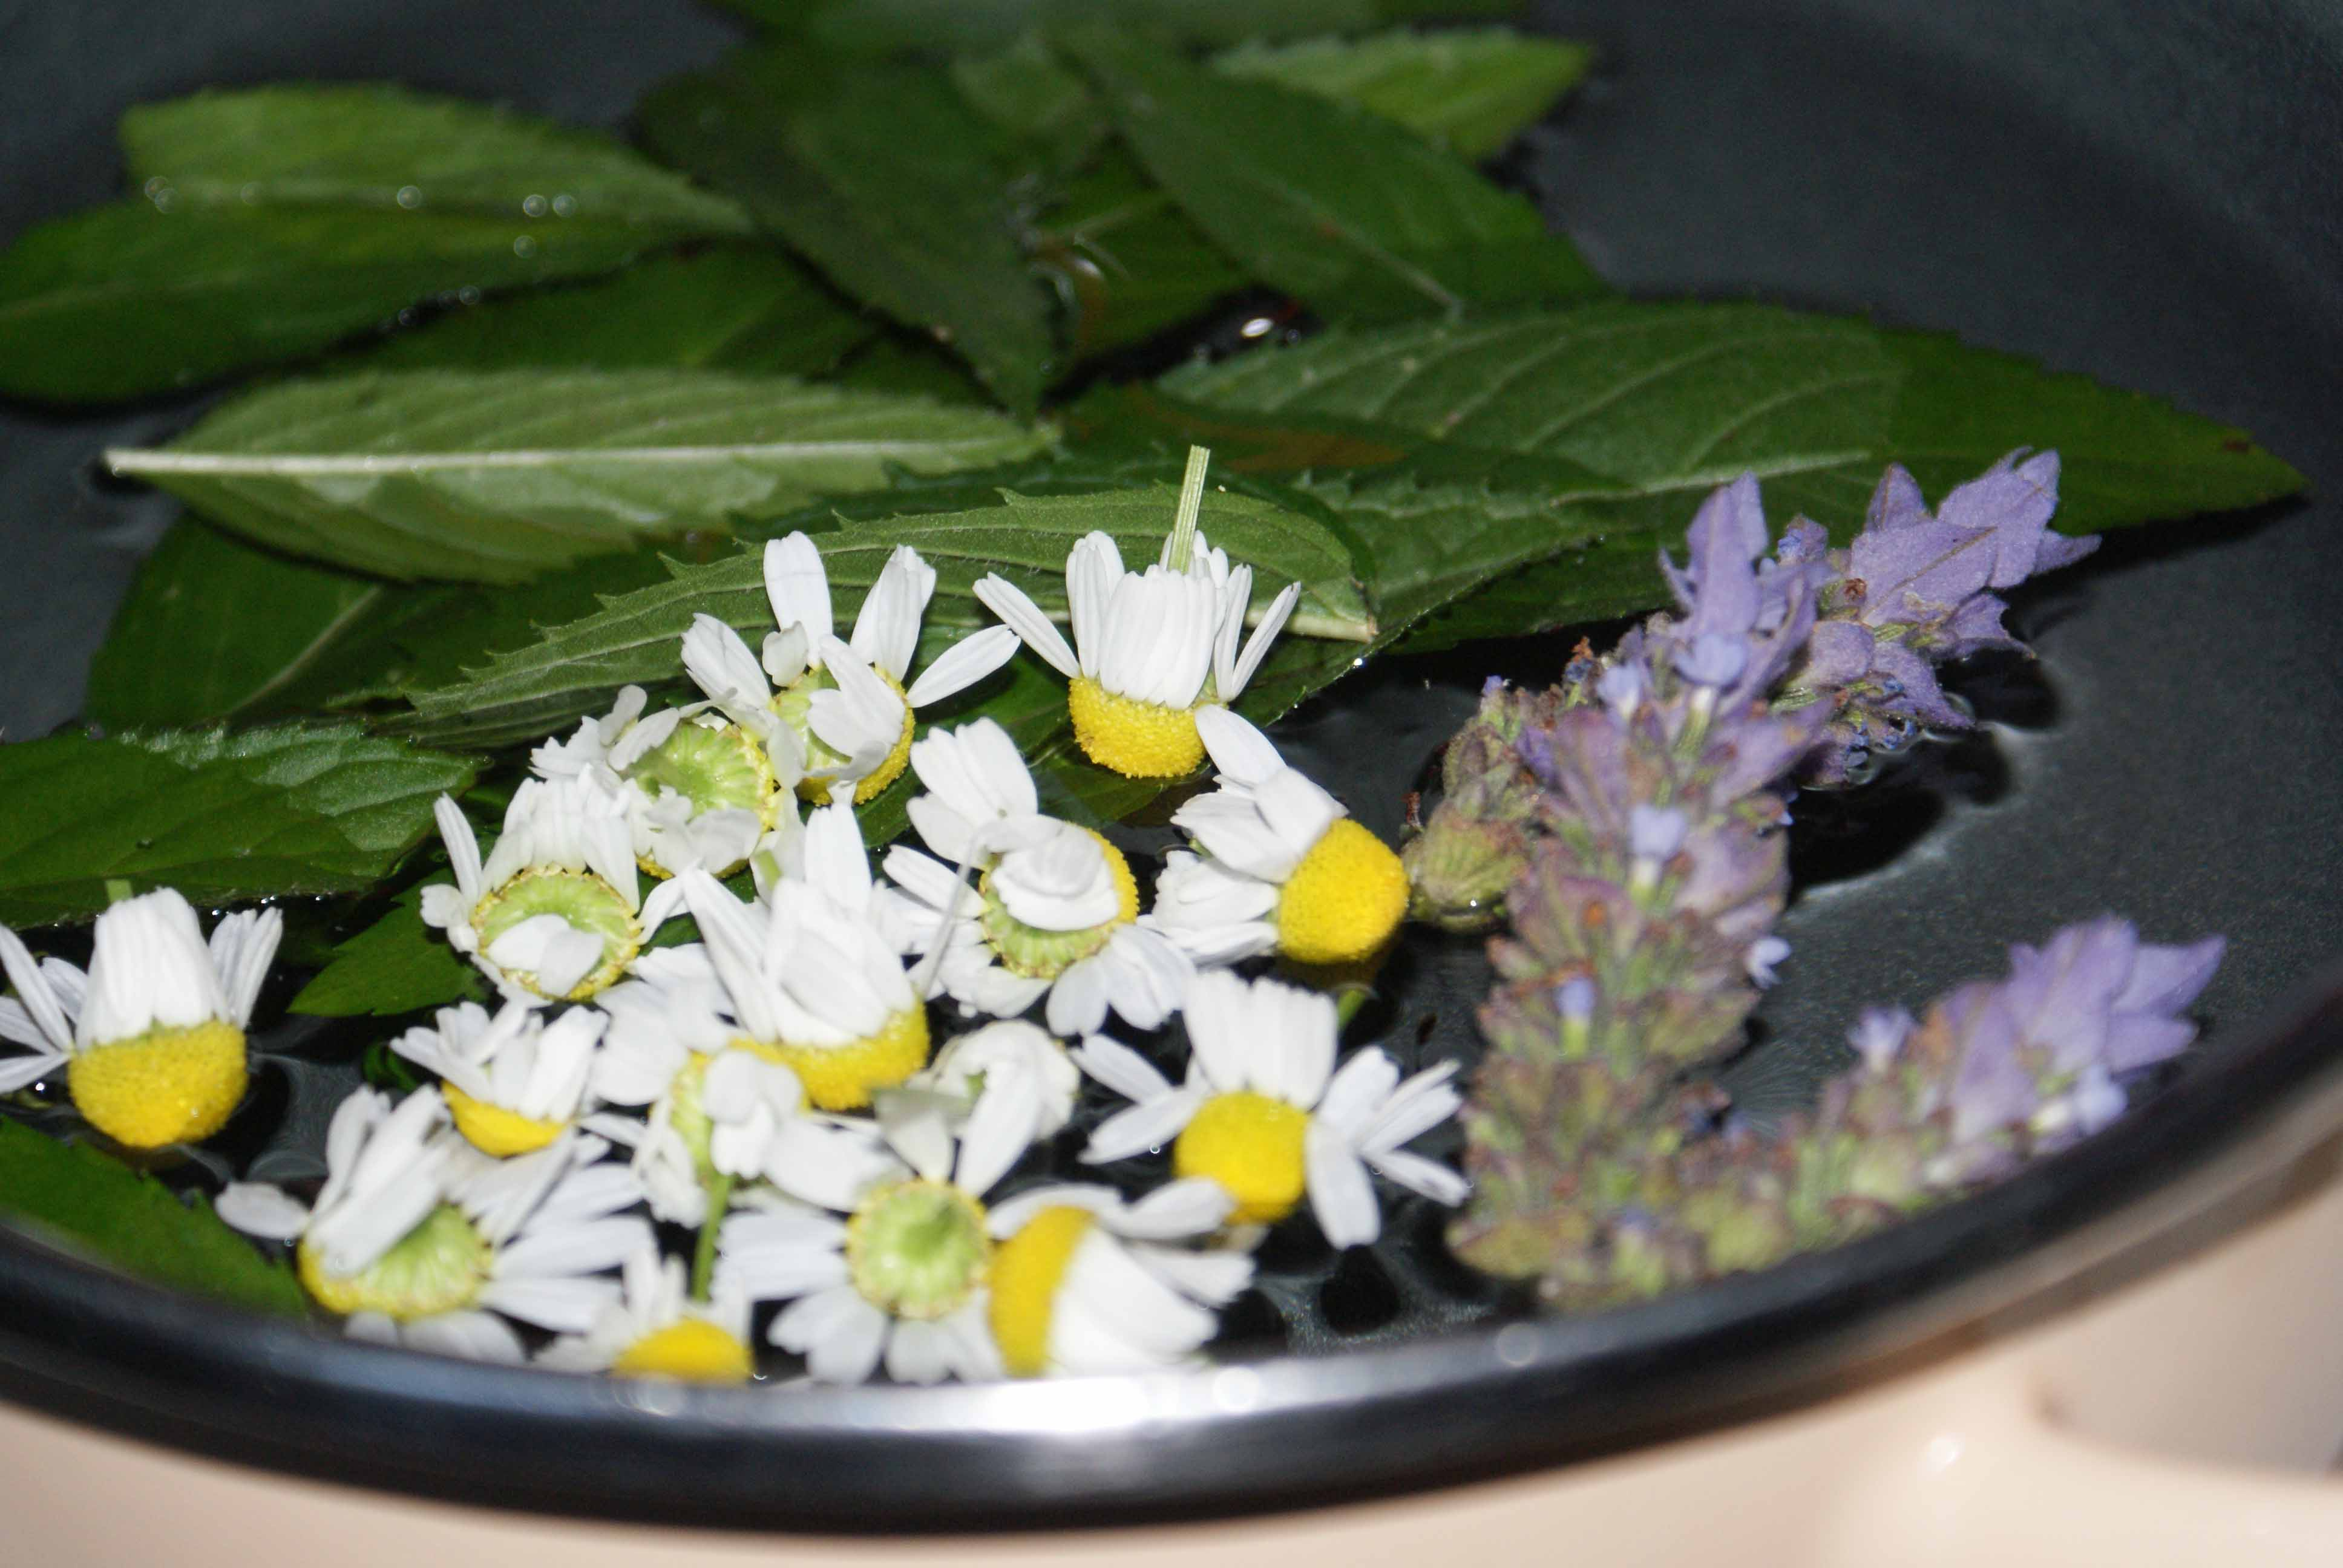 Chamomile, spearmint, & lavendar for herbal tea.